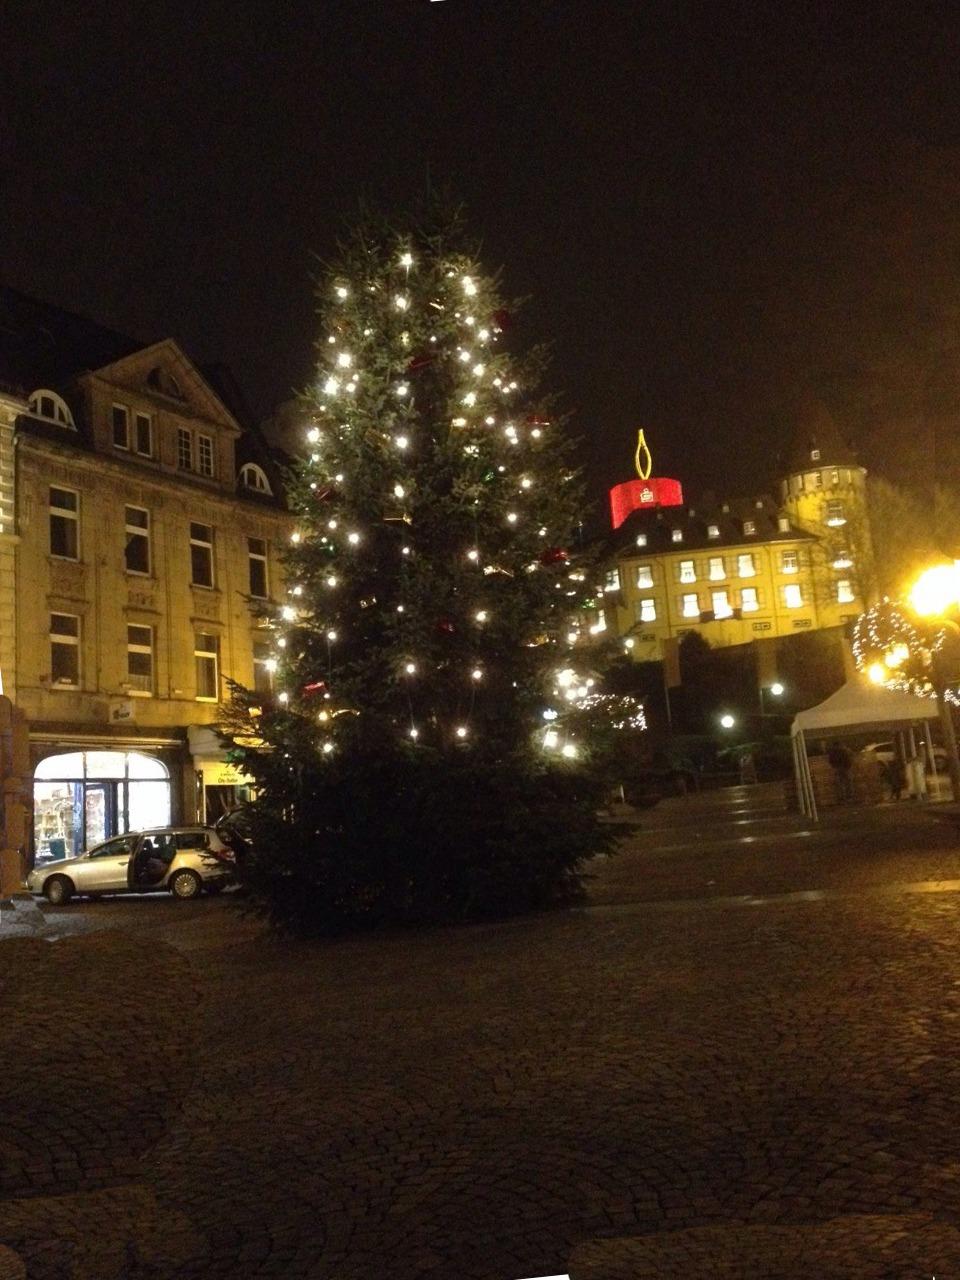 2014-12-01-mayen-weihnachtsmarkt-1